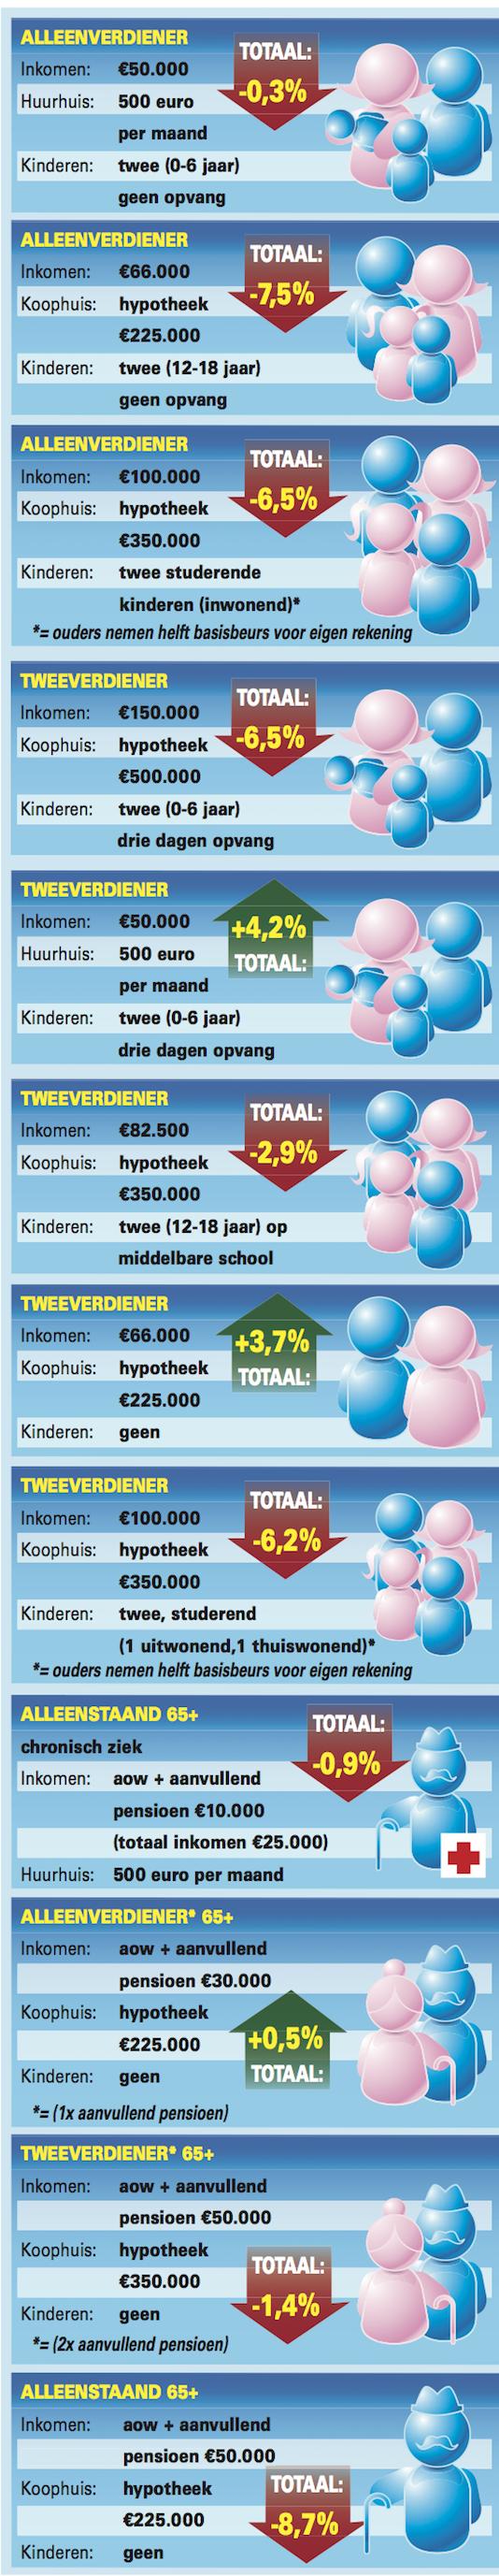 TMG_grafiek_koopkracht_3.png